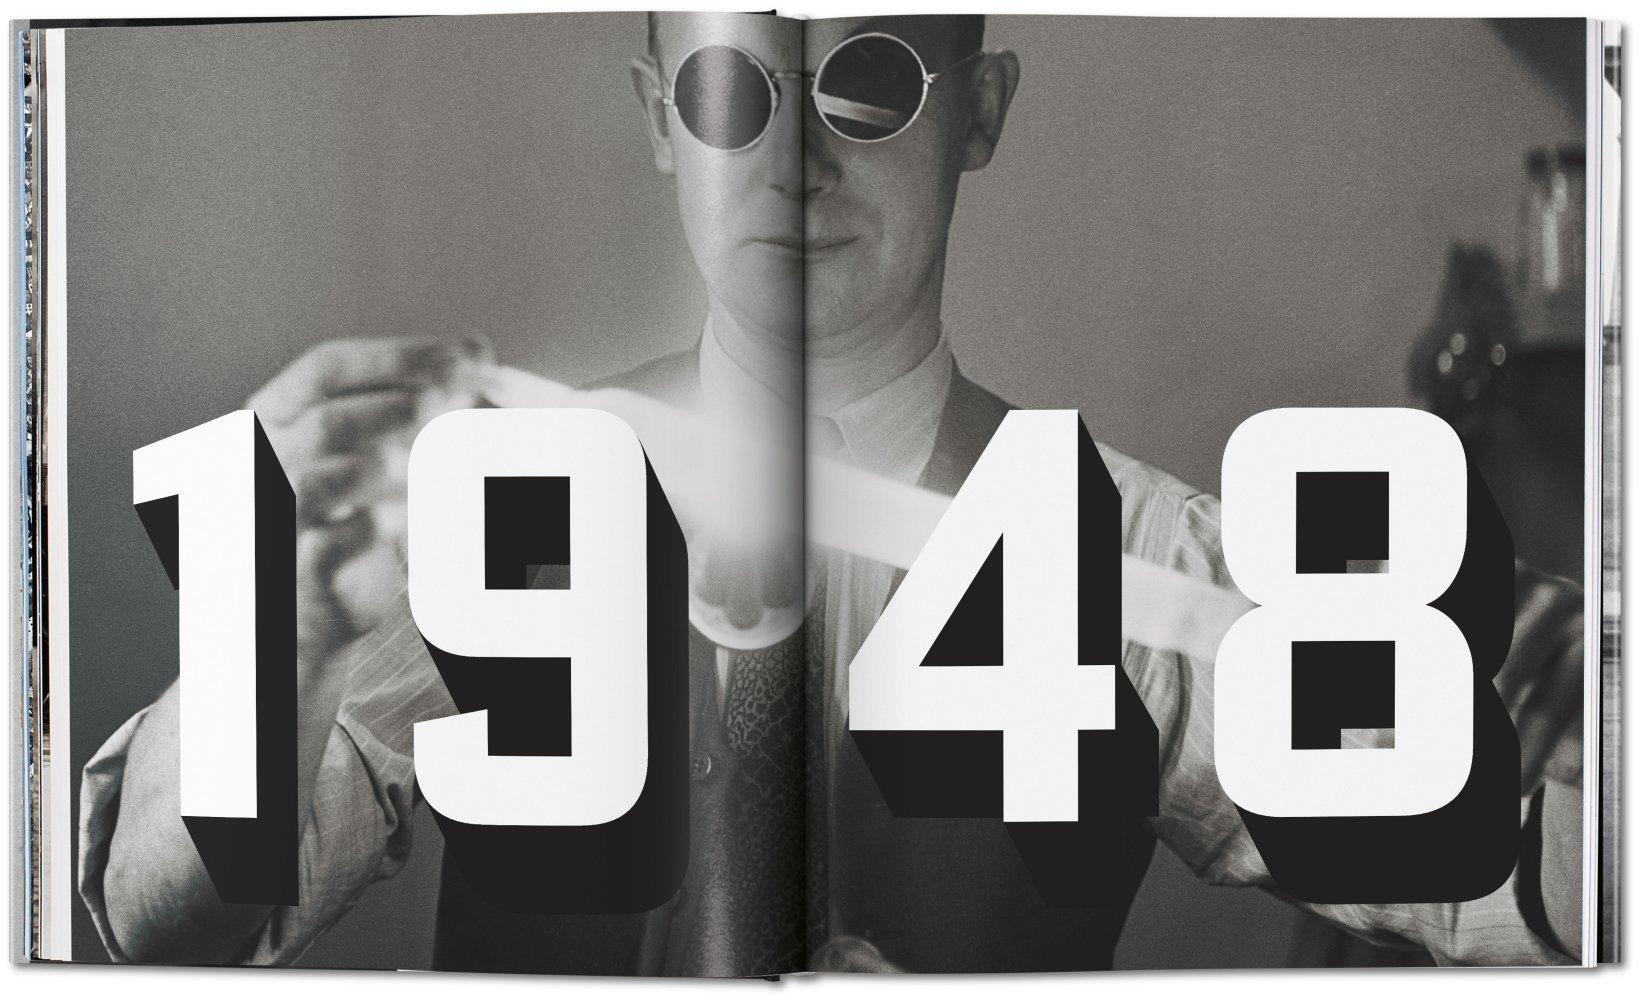 Через другой объектив - Фотографии Стэнли Кубрика